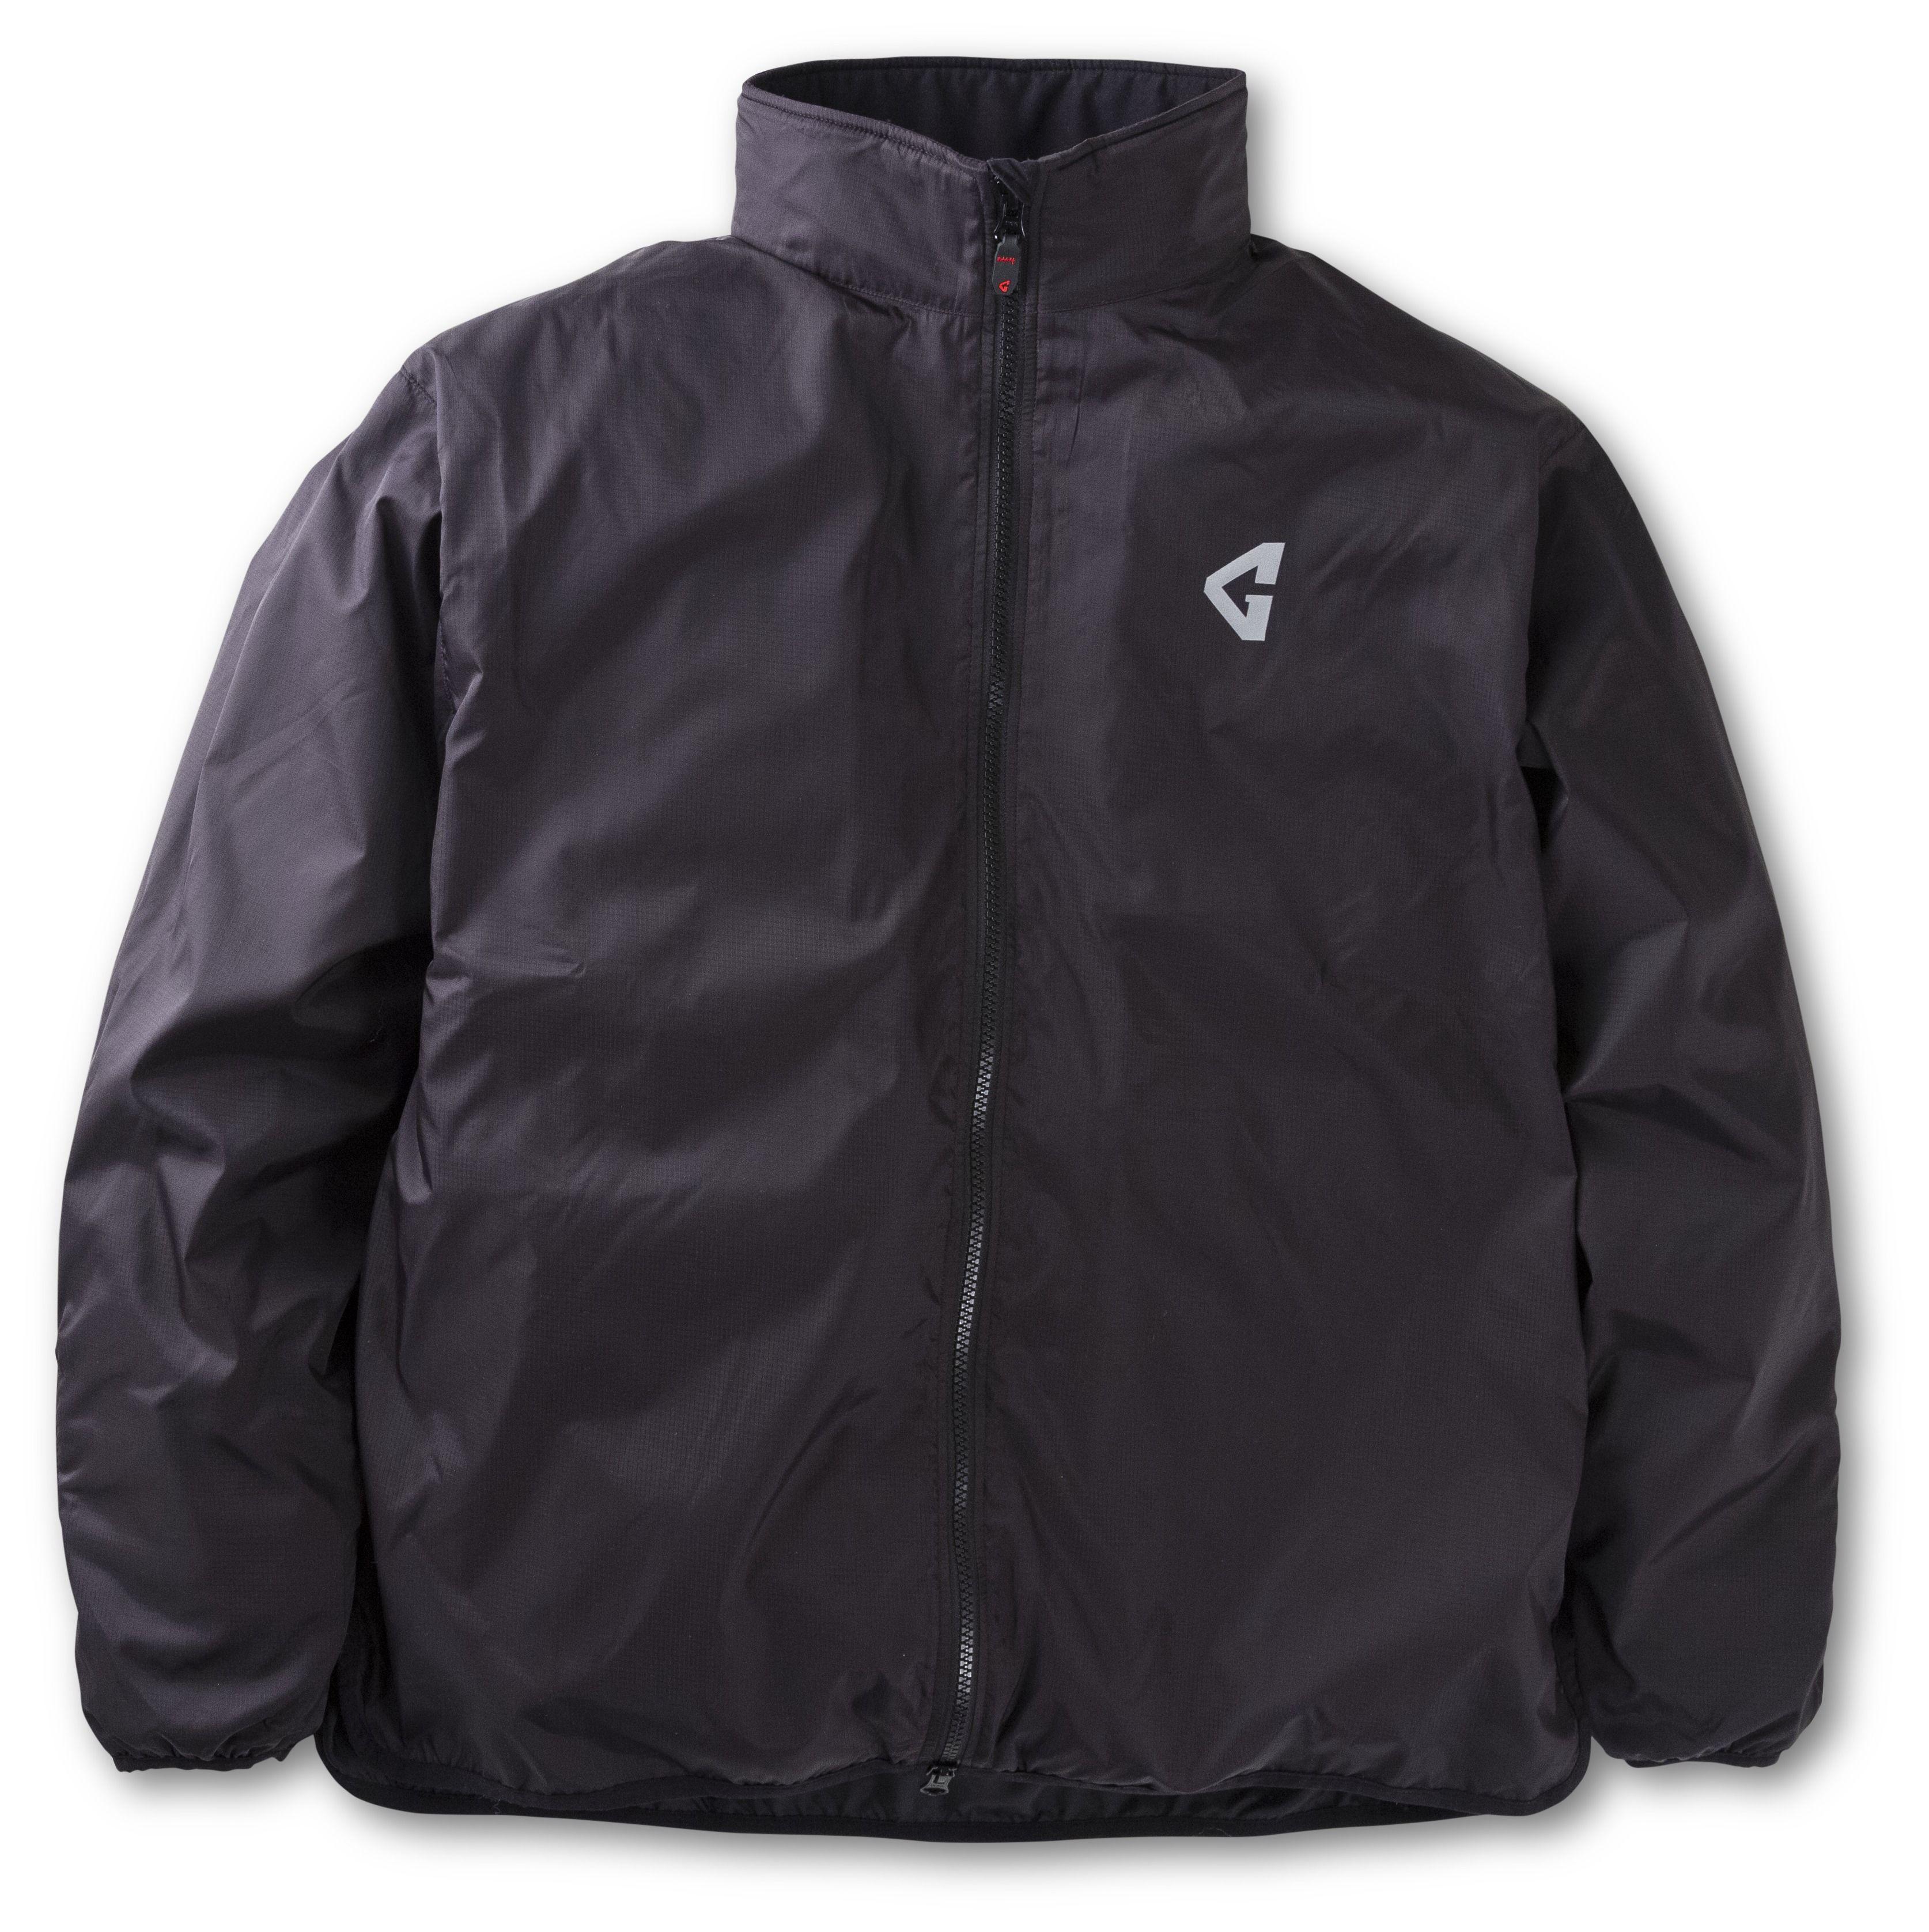 Gerbing 12v Heated Jacket Liner Revzilla